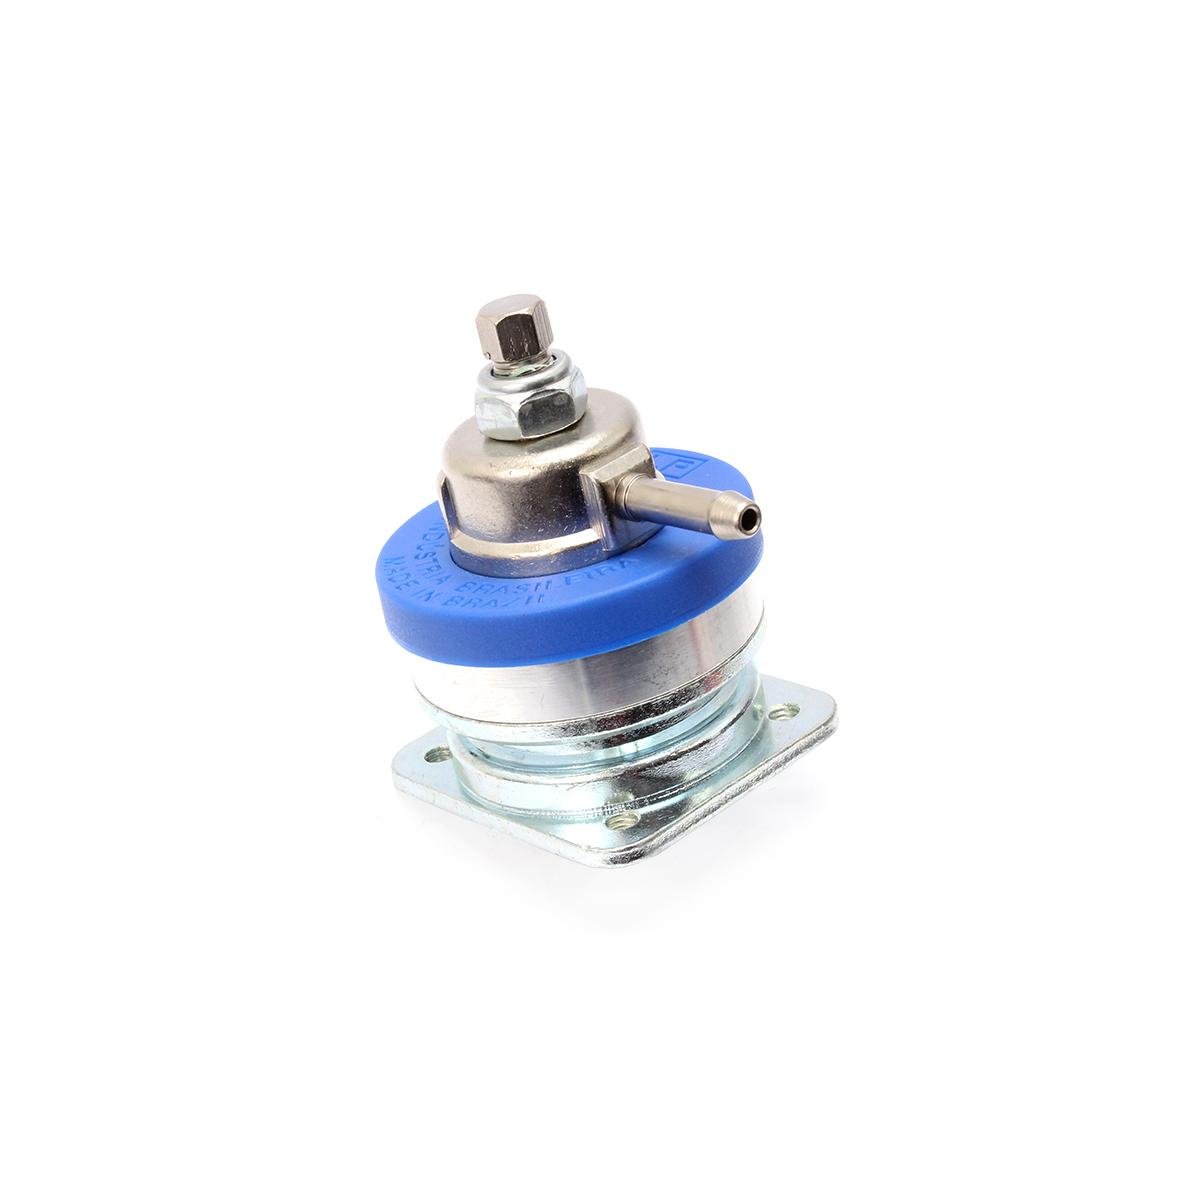 Regulador de Pressão Chevrolet Vectra / Omega / Suprema com Regulagem 0.5 a 4.5 Bar